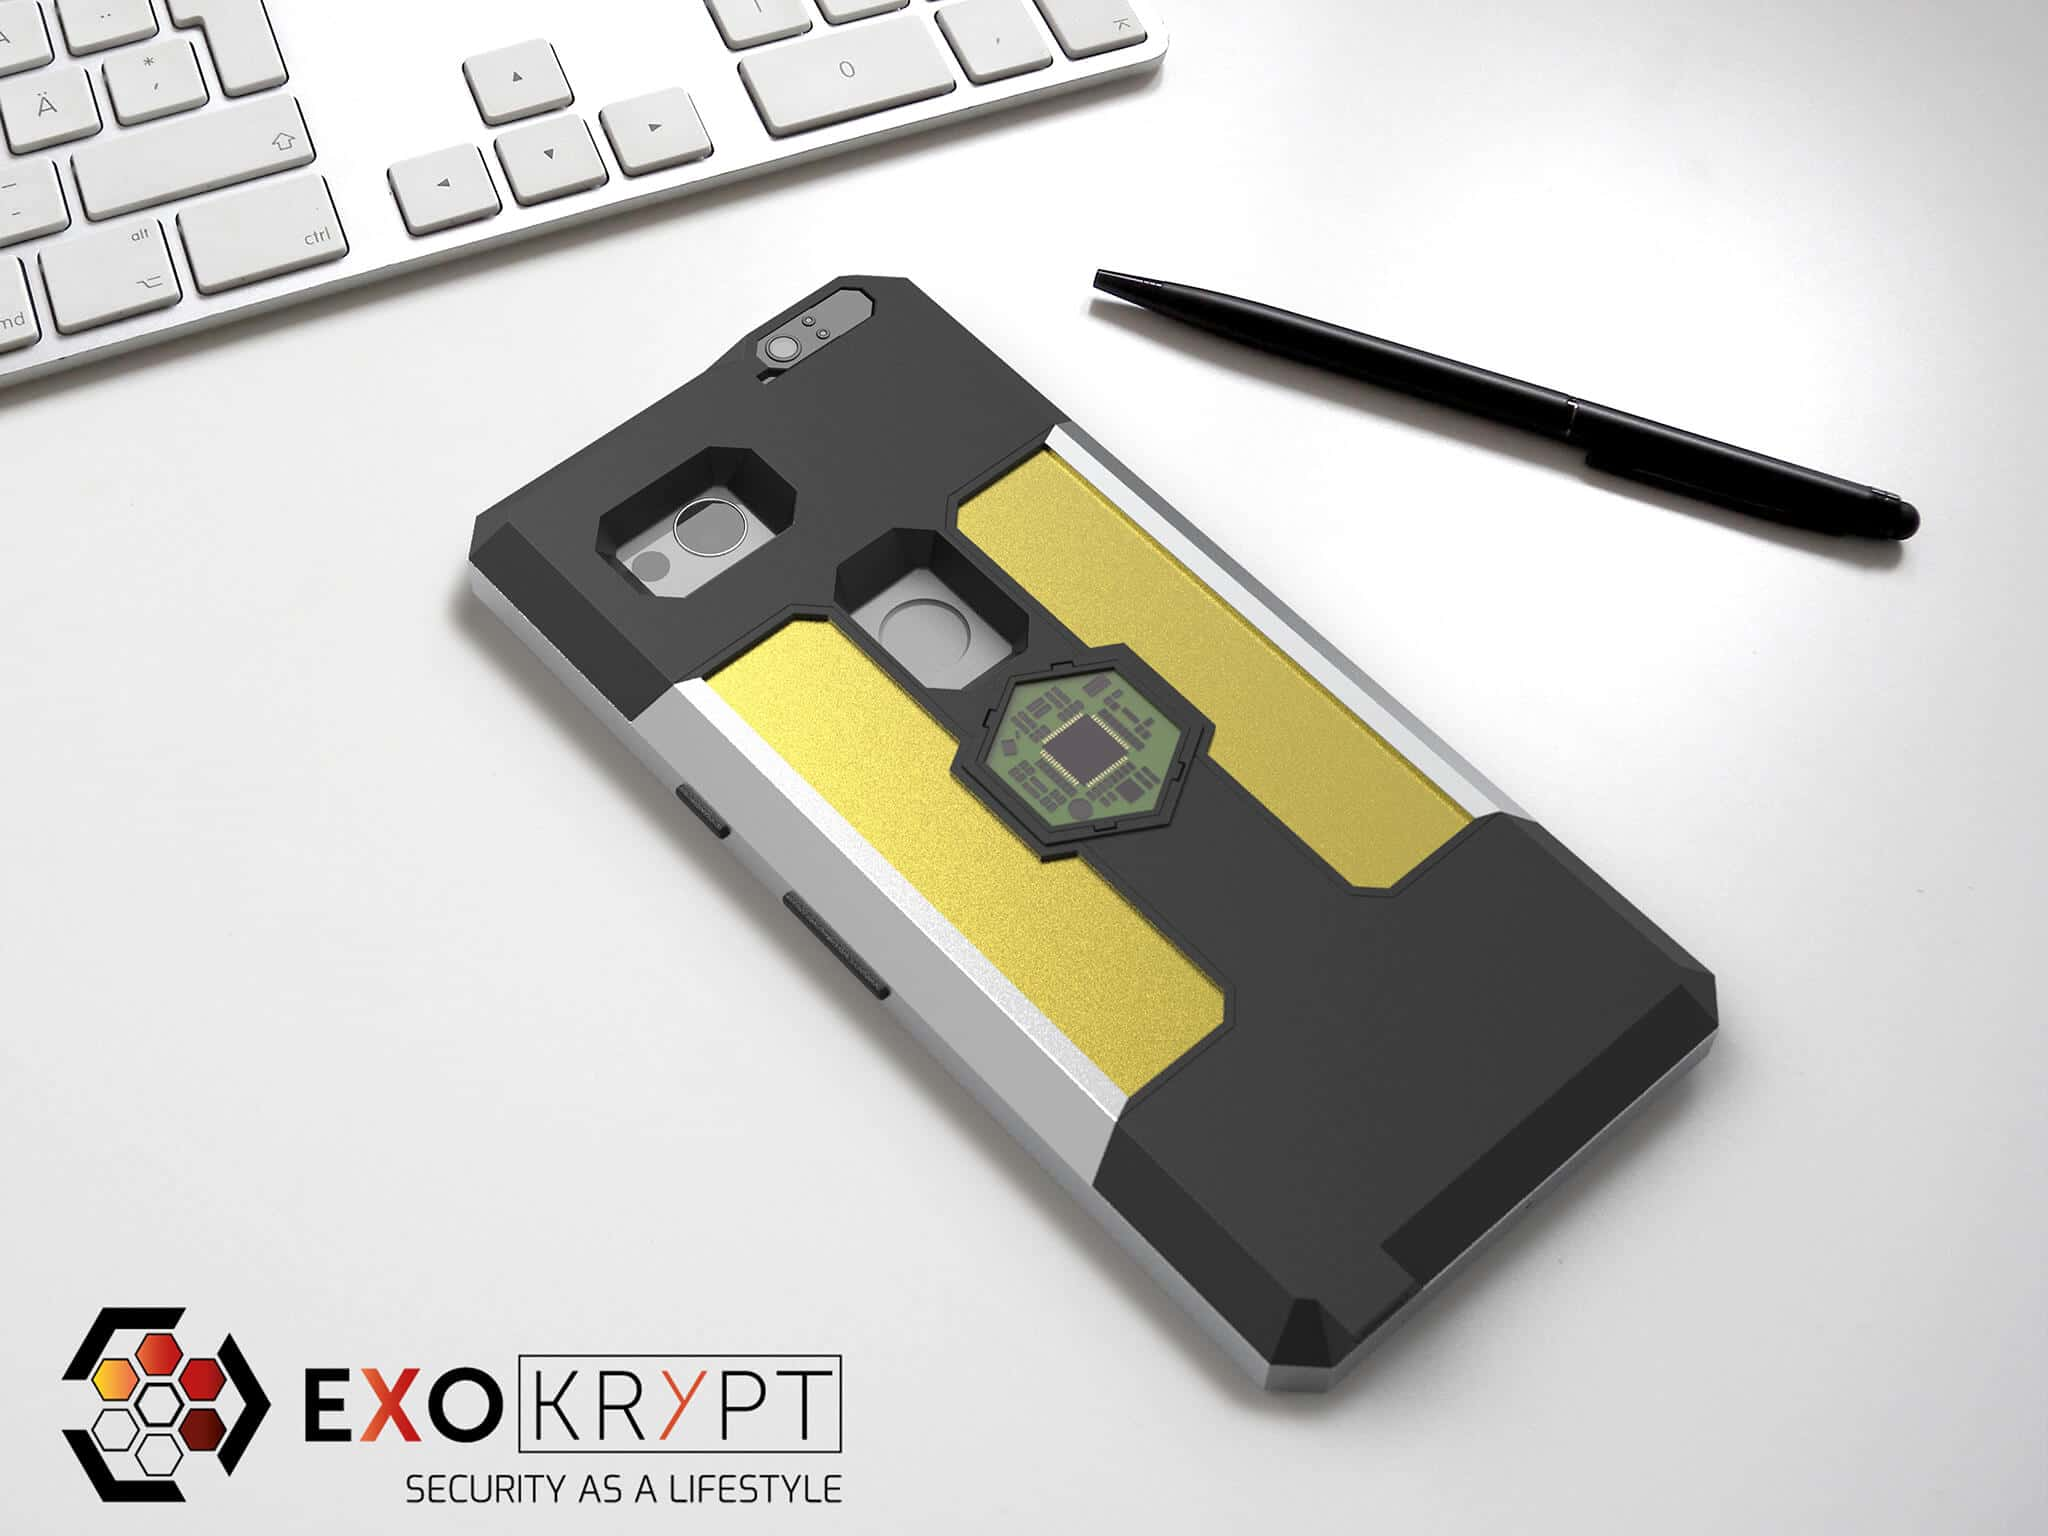 ExoShield BUSINESS Smartphone Case - Brushed Metal Frame - Gold Inlets auf einem Tisch auf einem Papierblatt liegend mit Kugelschreiber daneben, Mac Tastatur darüber